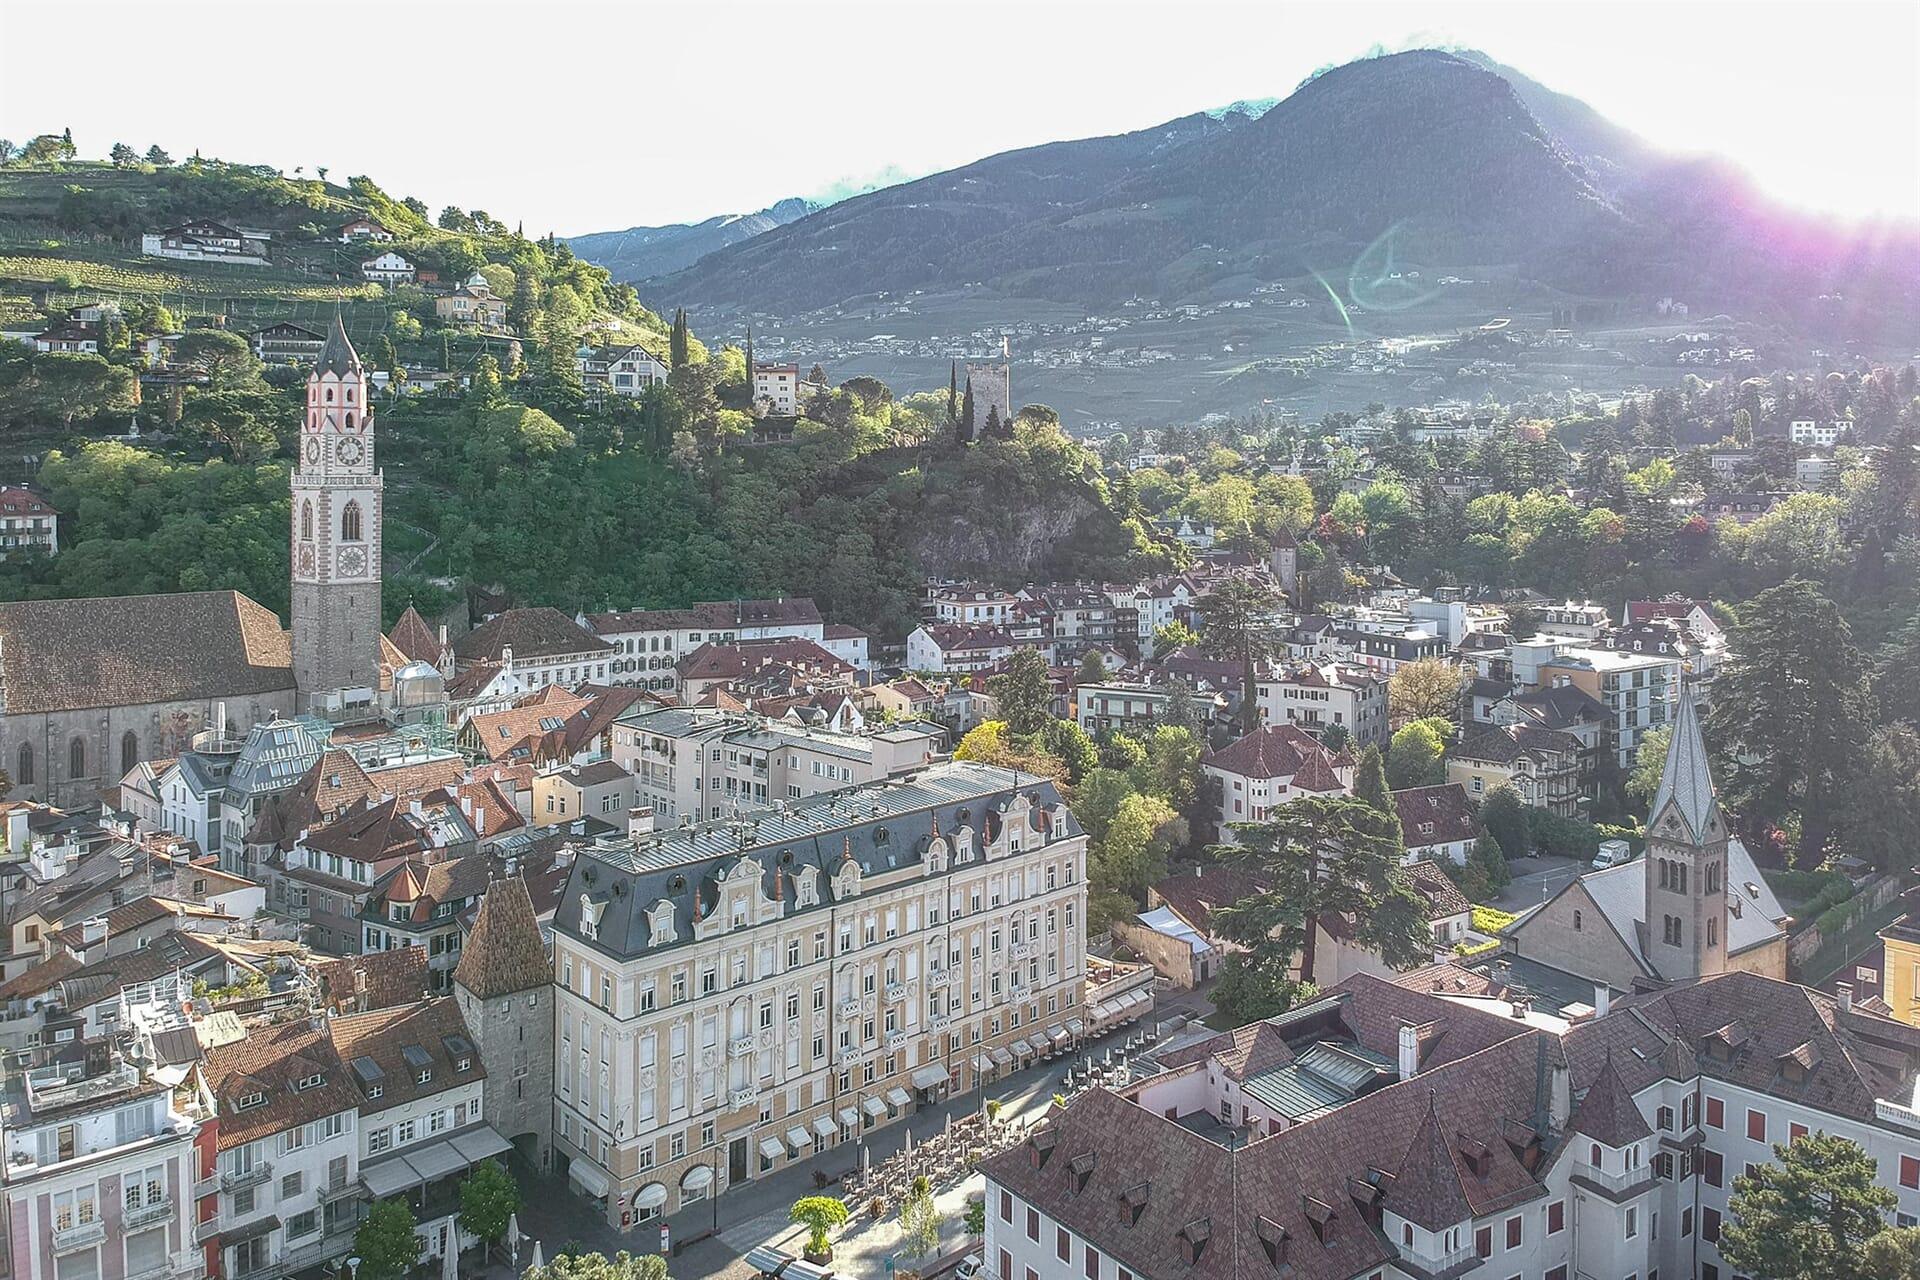 Vieni a scoprire le bellezze dell'Alto Adige: Merano luogo di relax e natura